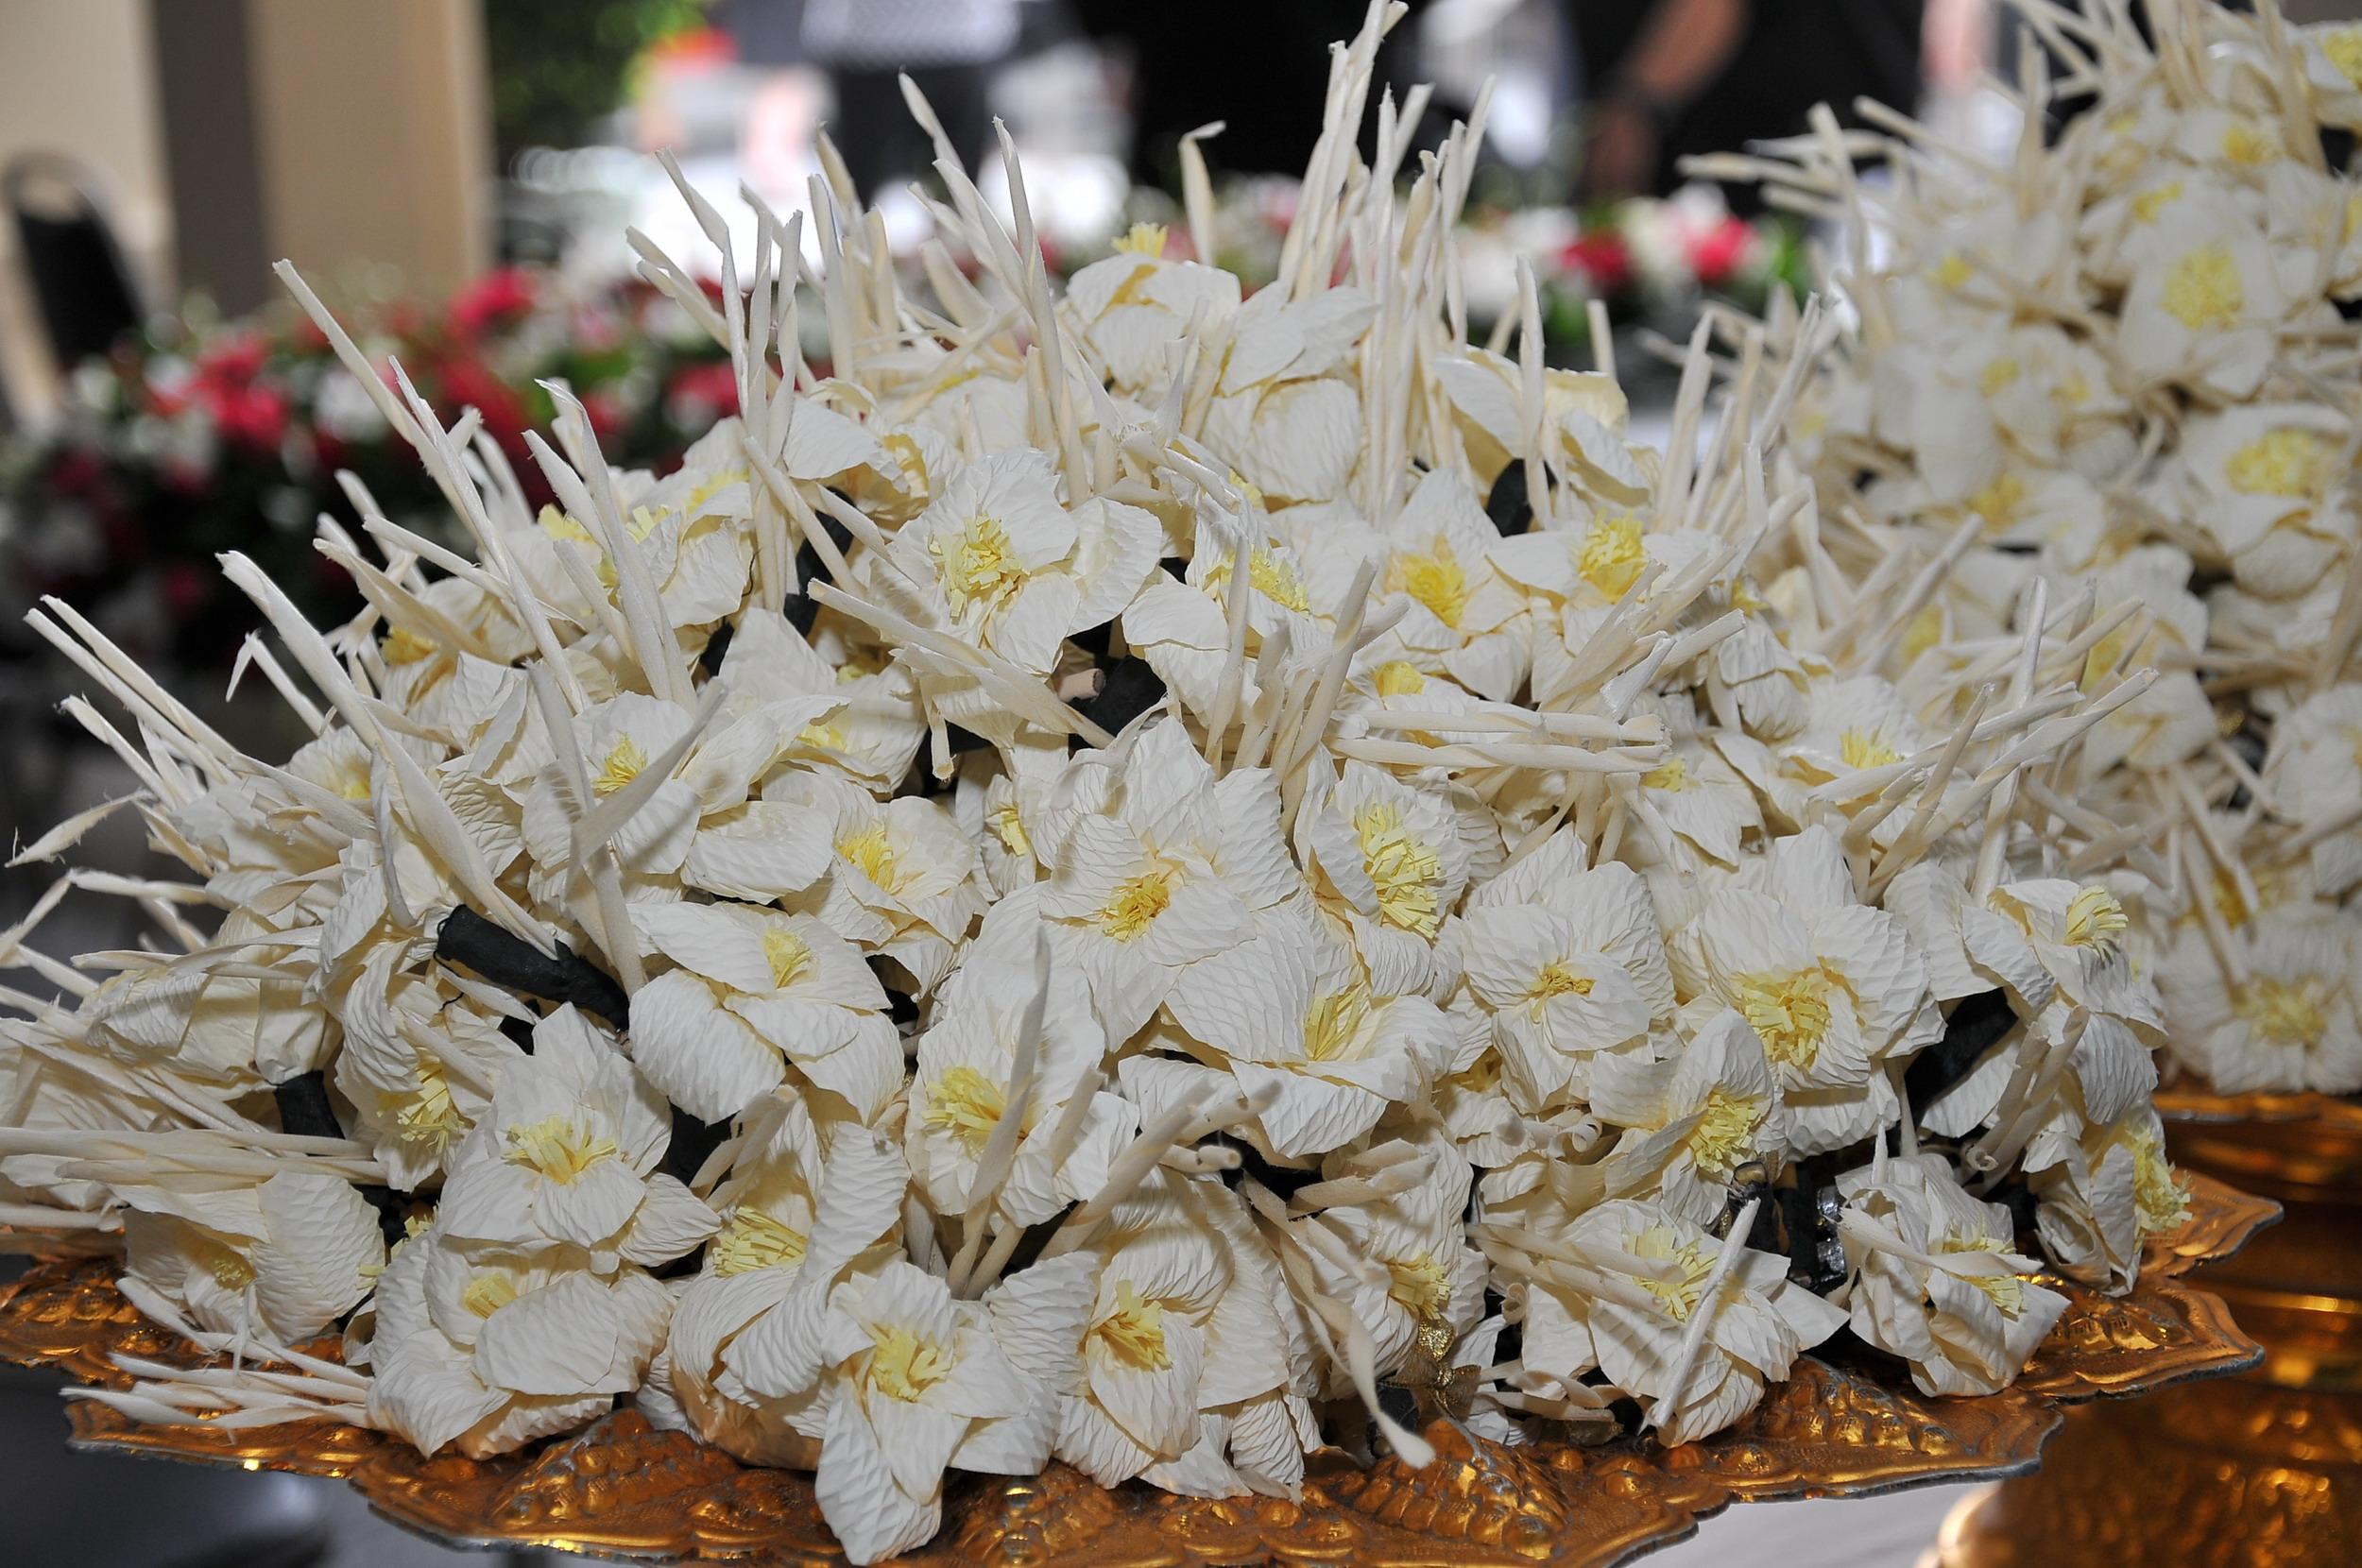 อย่าหยิบดอกไม้จันทน์ให้กับผู้อื่นในงานศพจำหน่ายโลงศพโลงศพราคา ขายโลงศพ